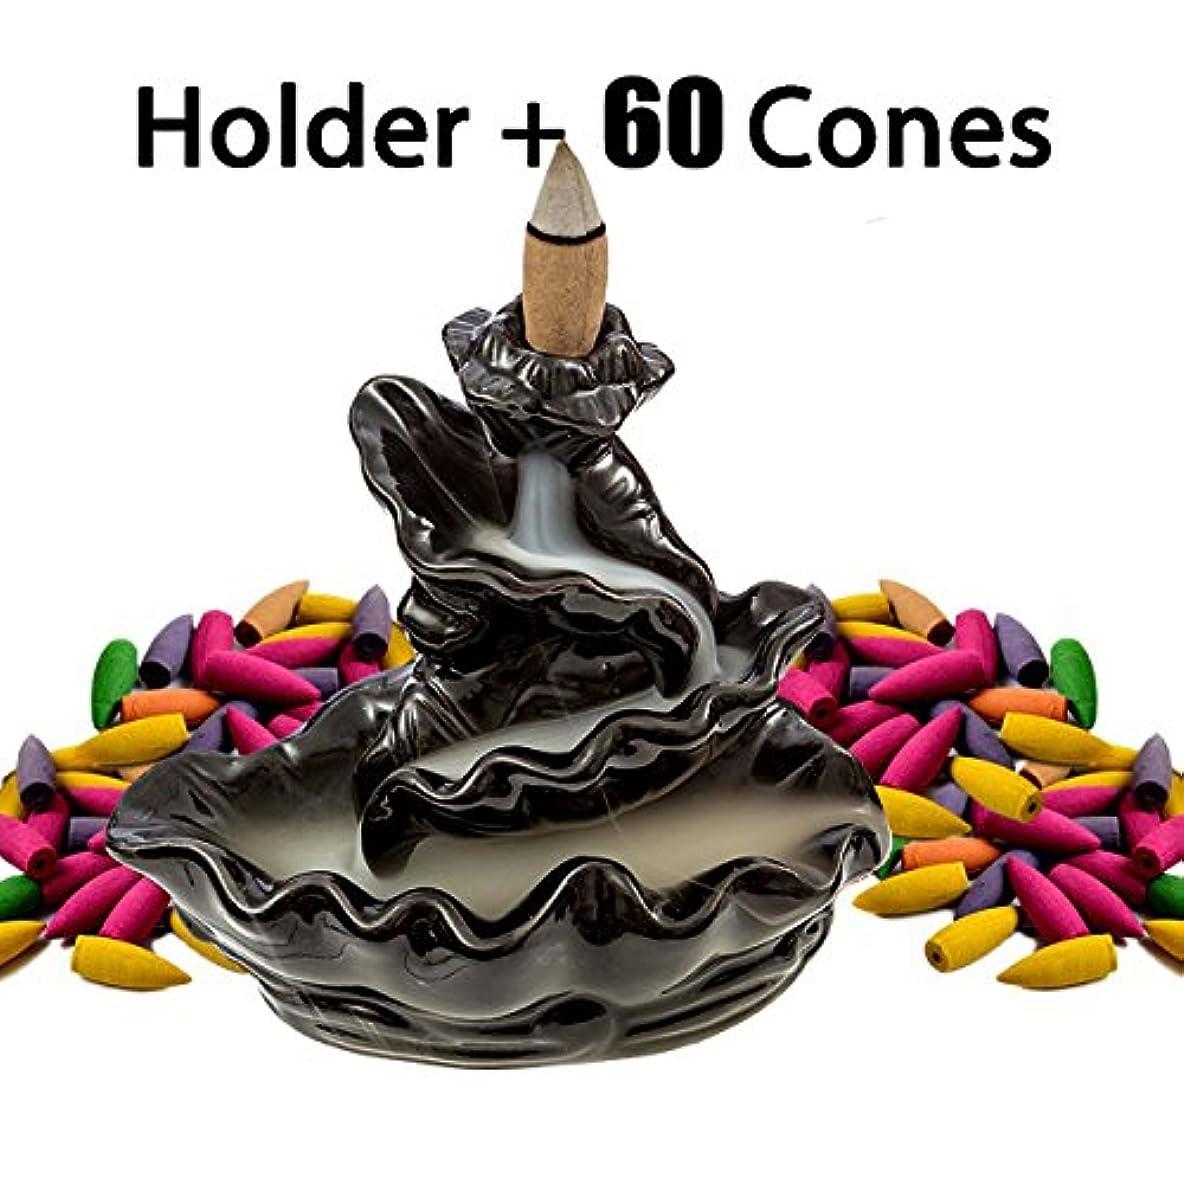 カップルフルートケーキDELIWAYセラミックお香逆流ホルダー、さまざまなミックス香りつきIncense Cones and Burner/香炉セット ブラック DLW-HGIH-02